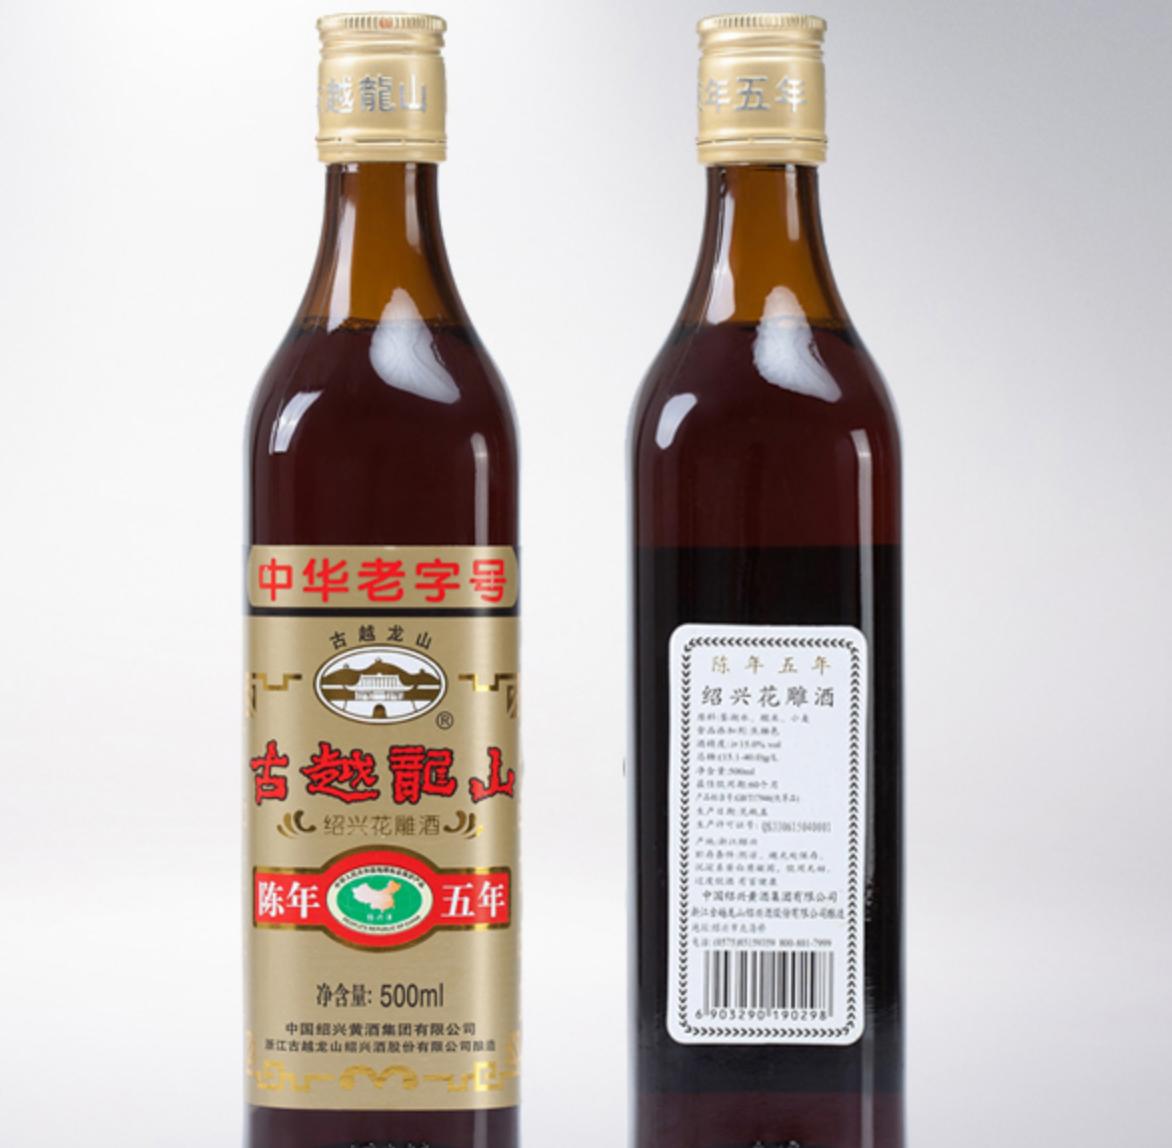 天富官网,多年的历史端午天富官网黄酒图片